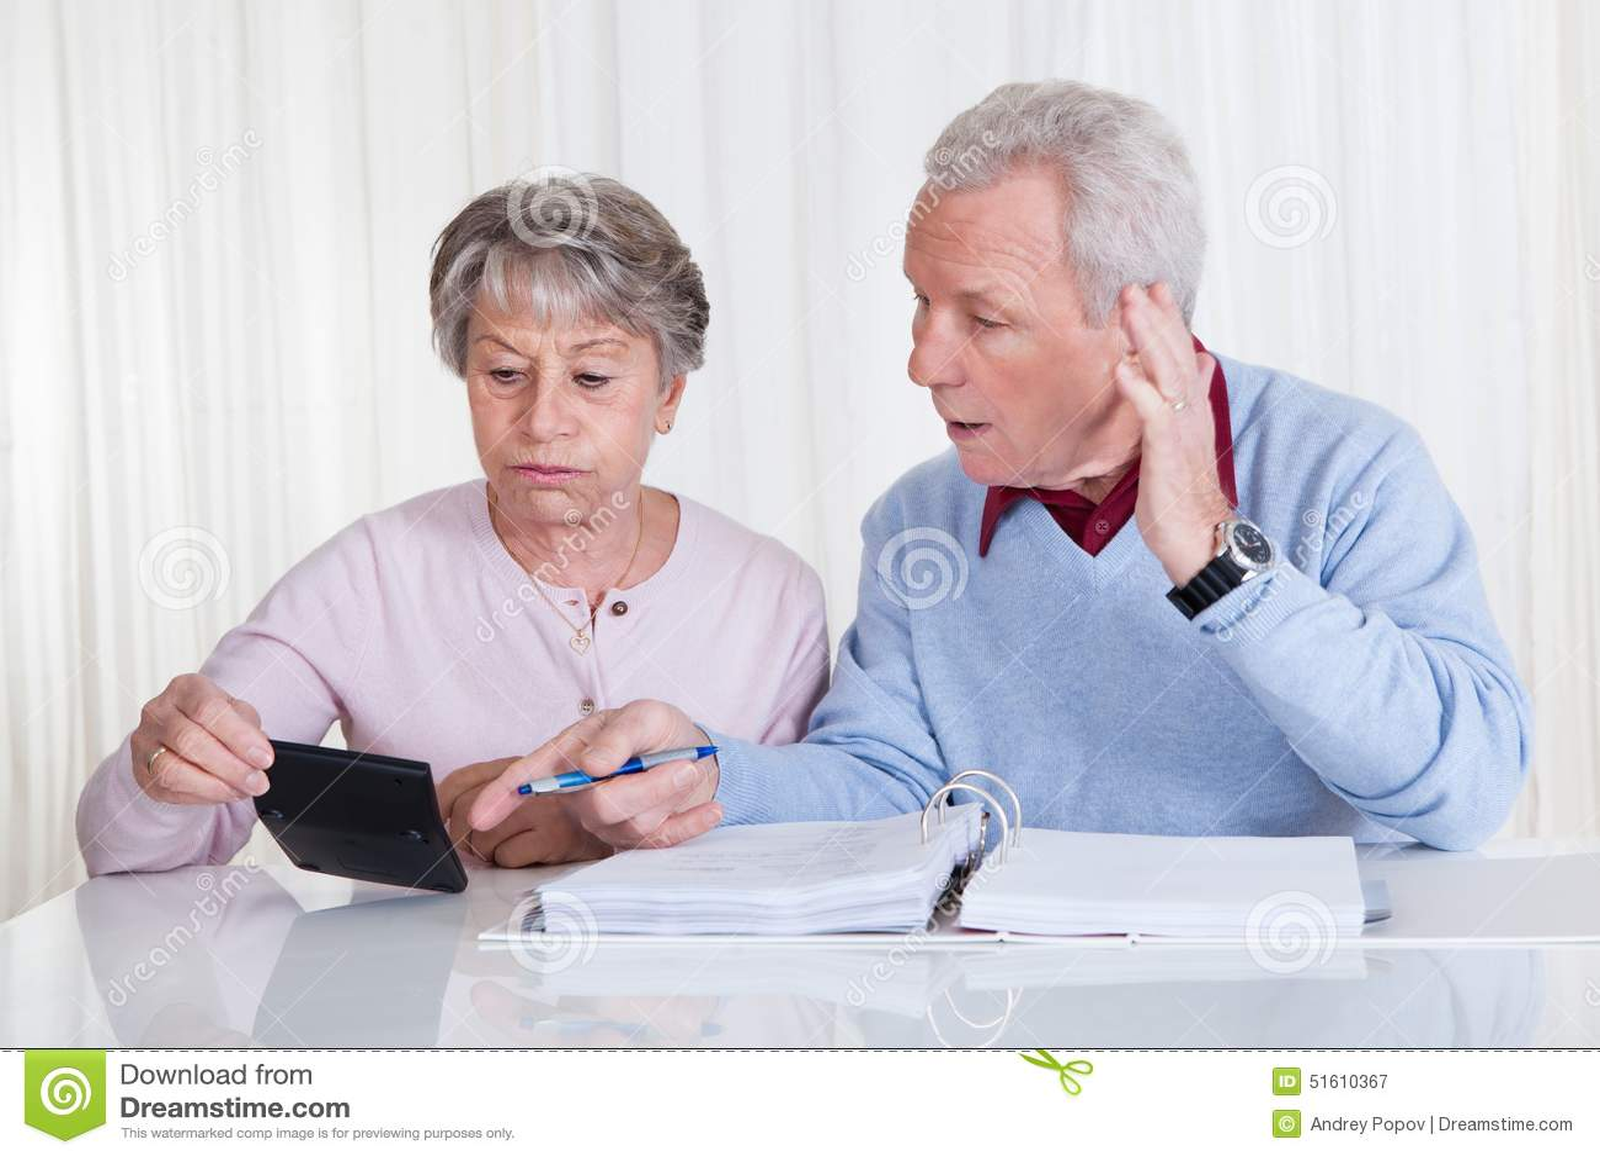 займы новые пенсионерам